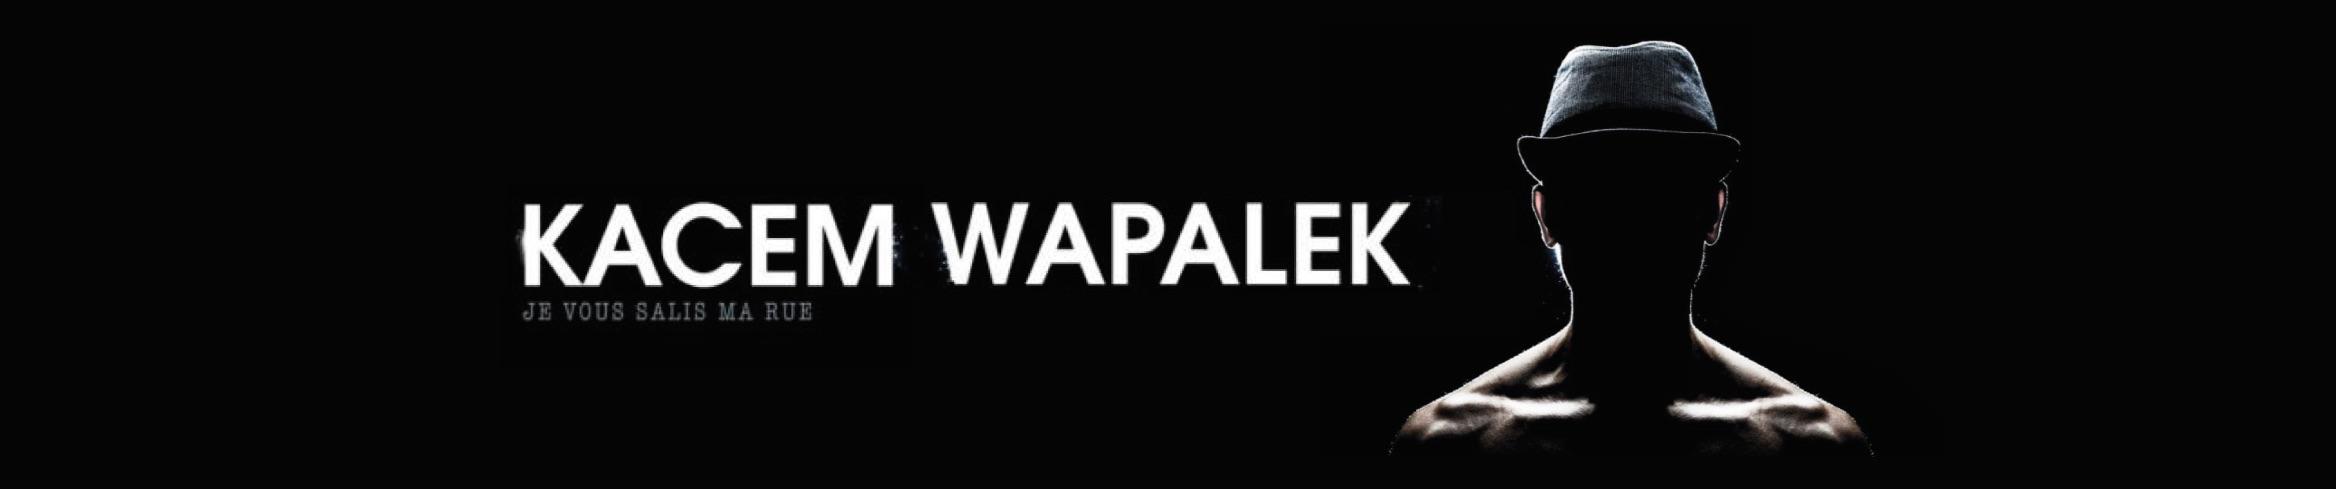 KACEM WAPALEK TÉLÉCHARGER